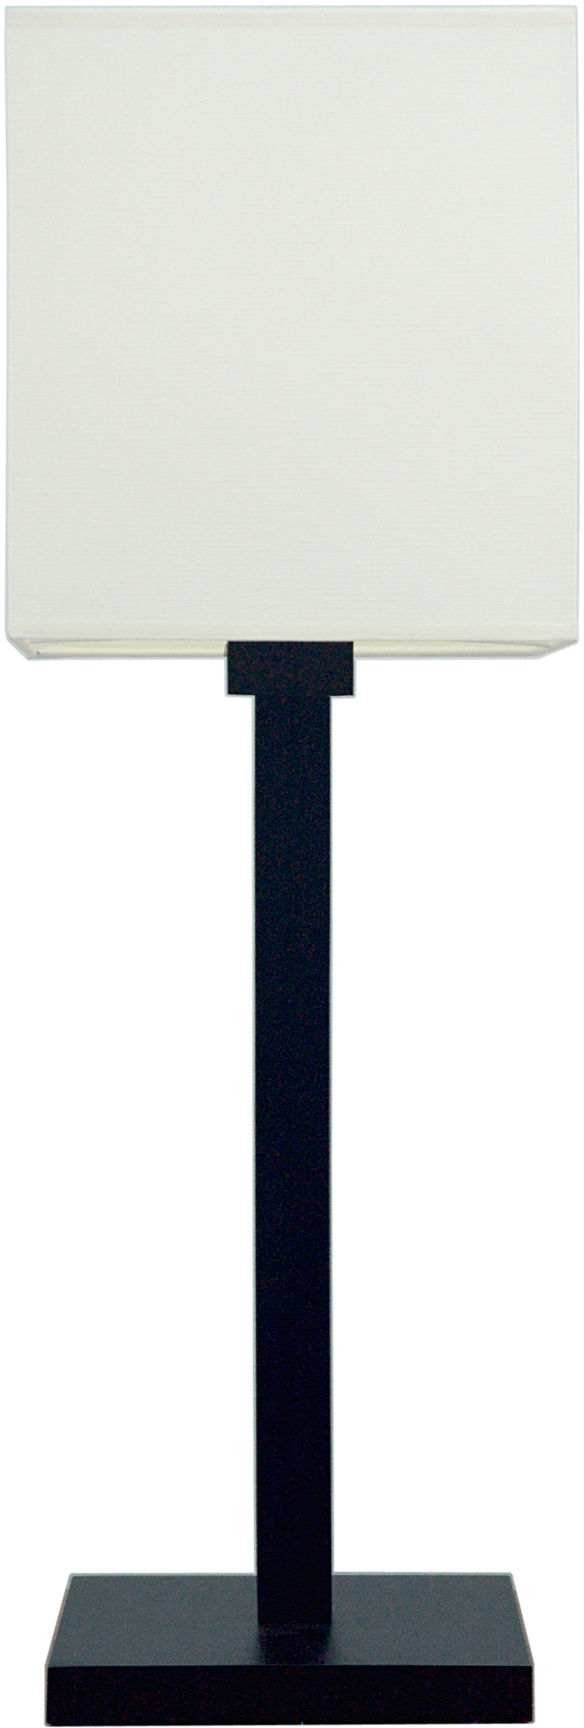 Candellux LEGATO 41-47567 lampa stołowa z drewna szklany klosz ecri 1X60W E27 23 cm